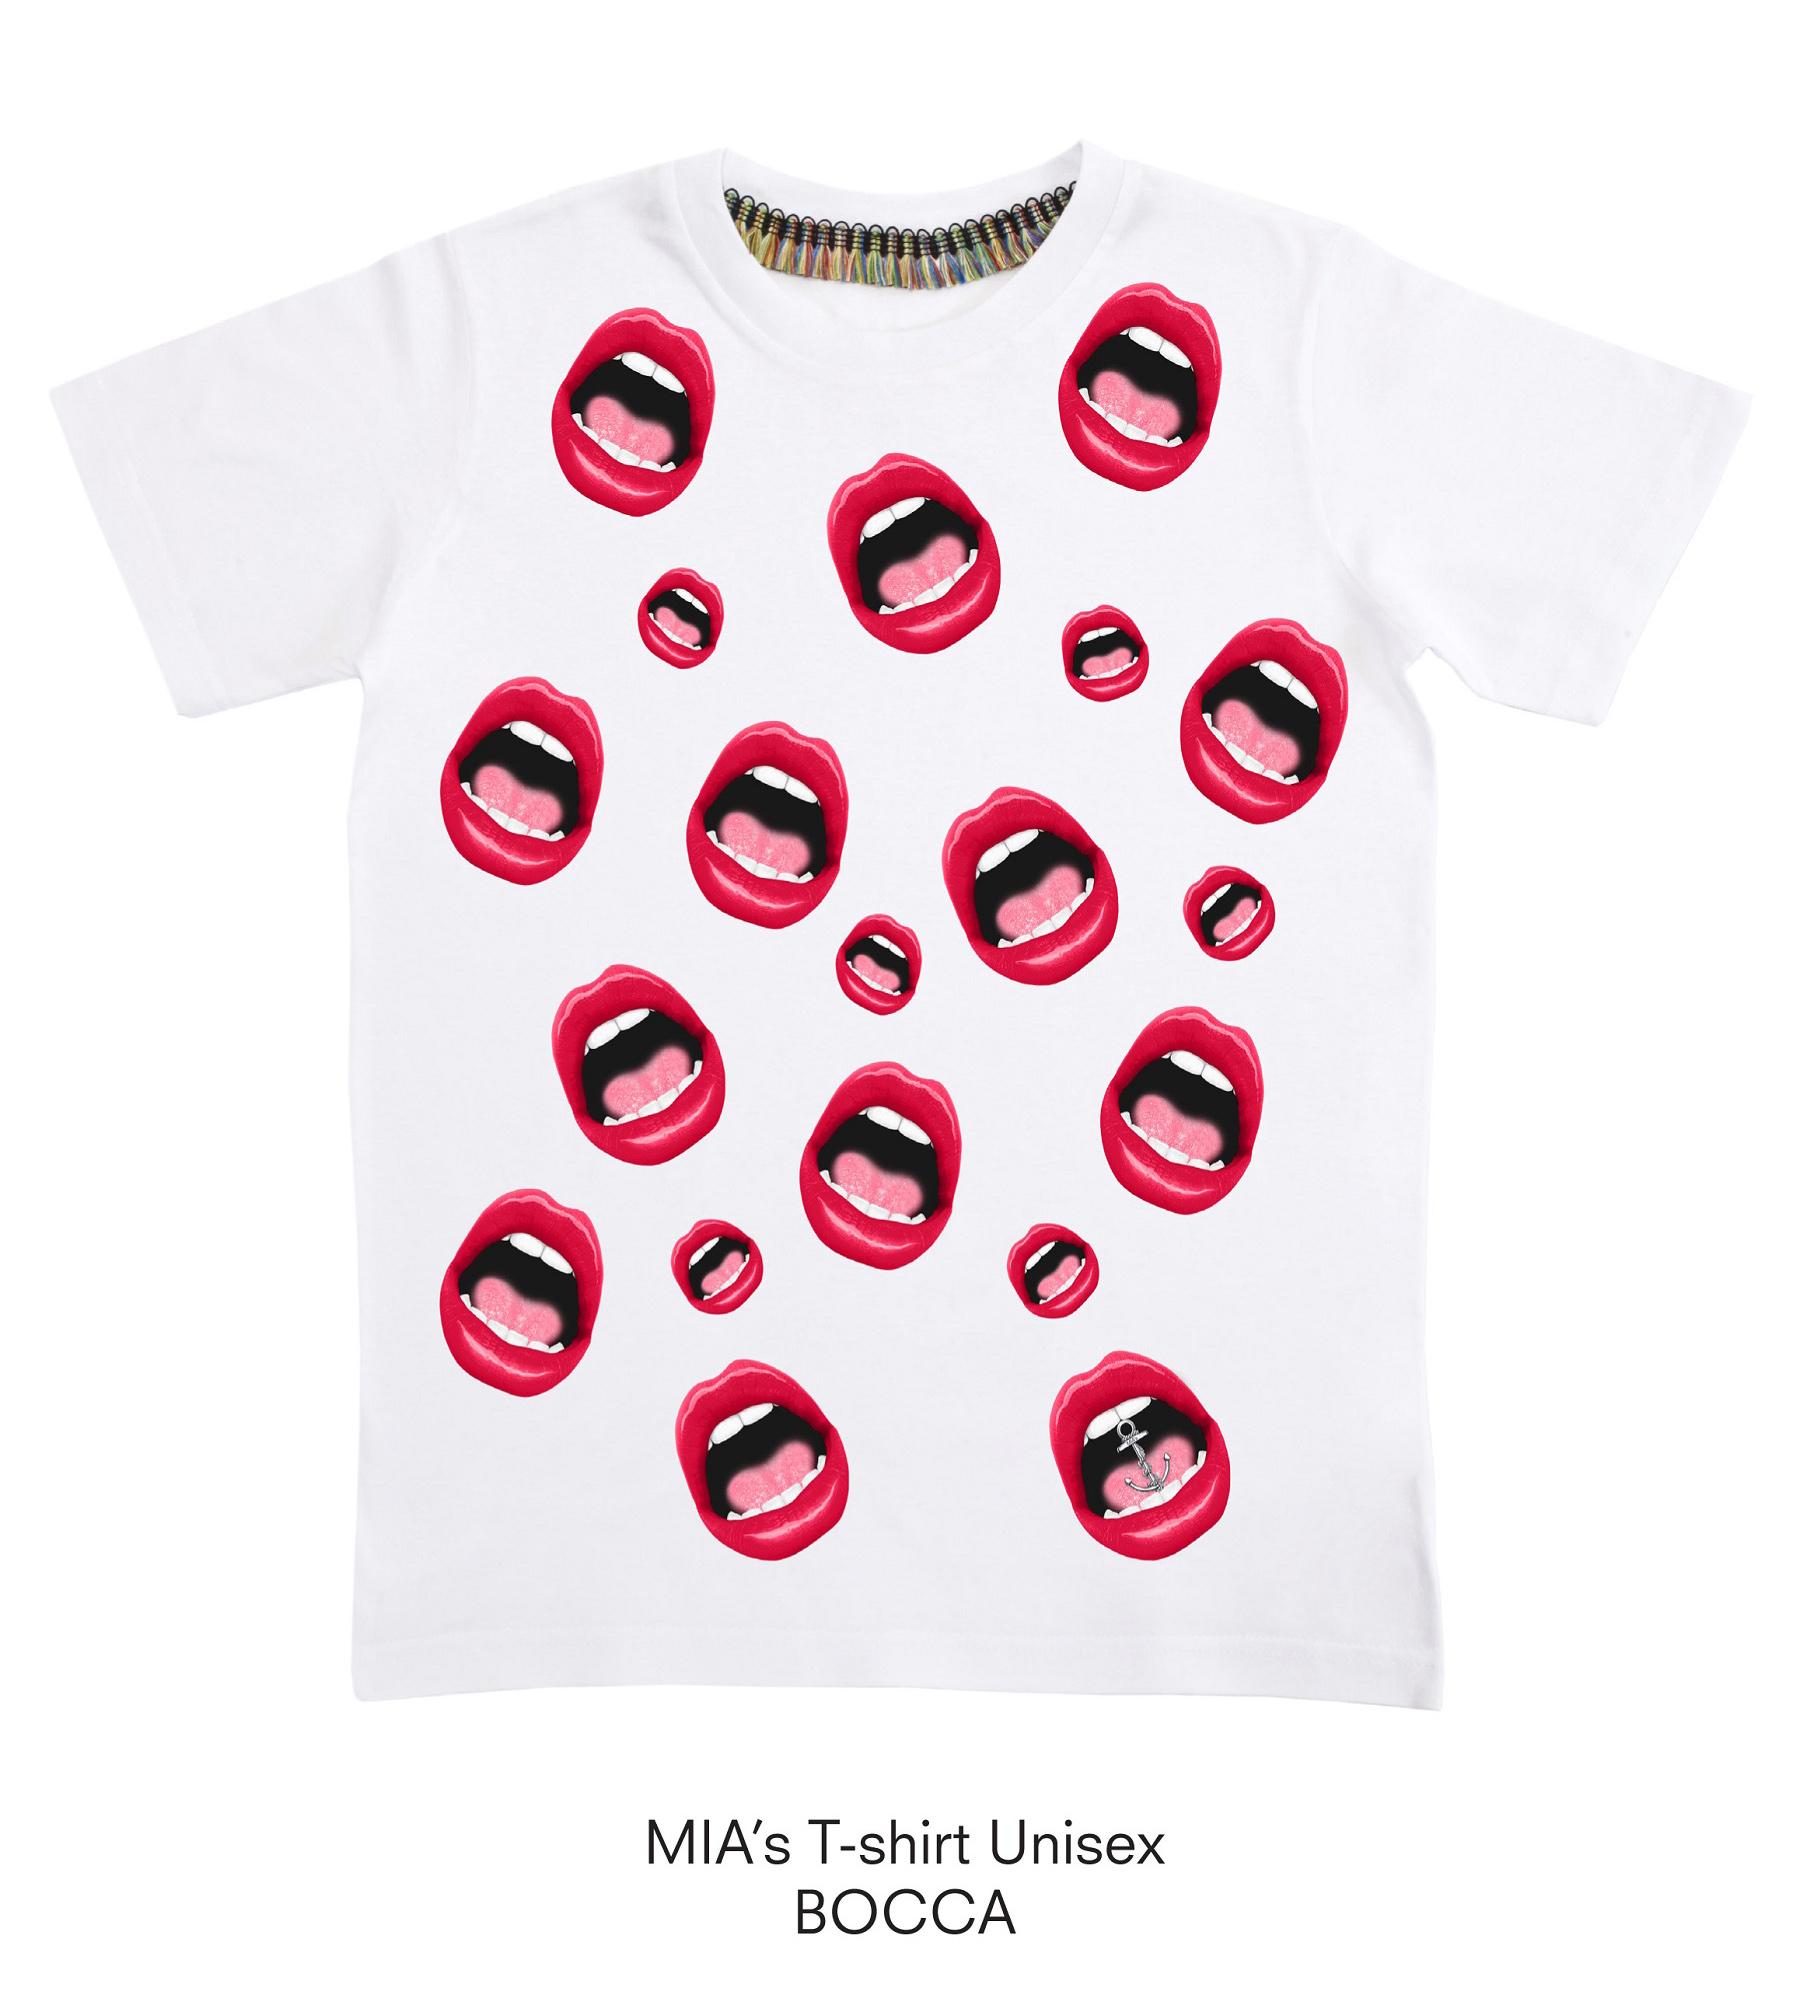 【ミアズ】MIA's T-shirt BOCCA